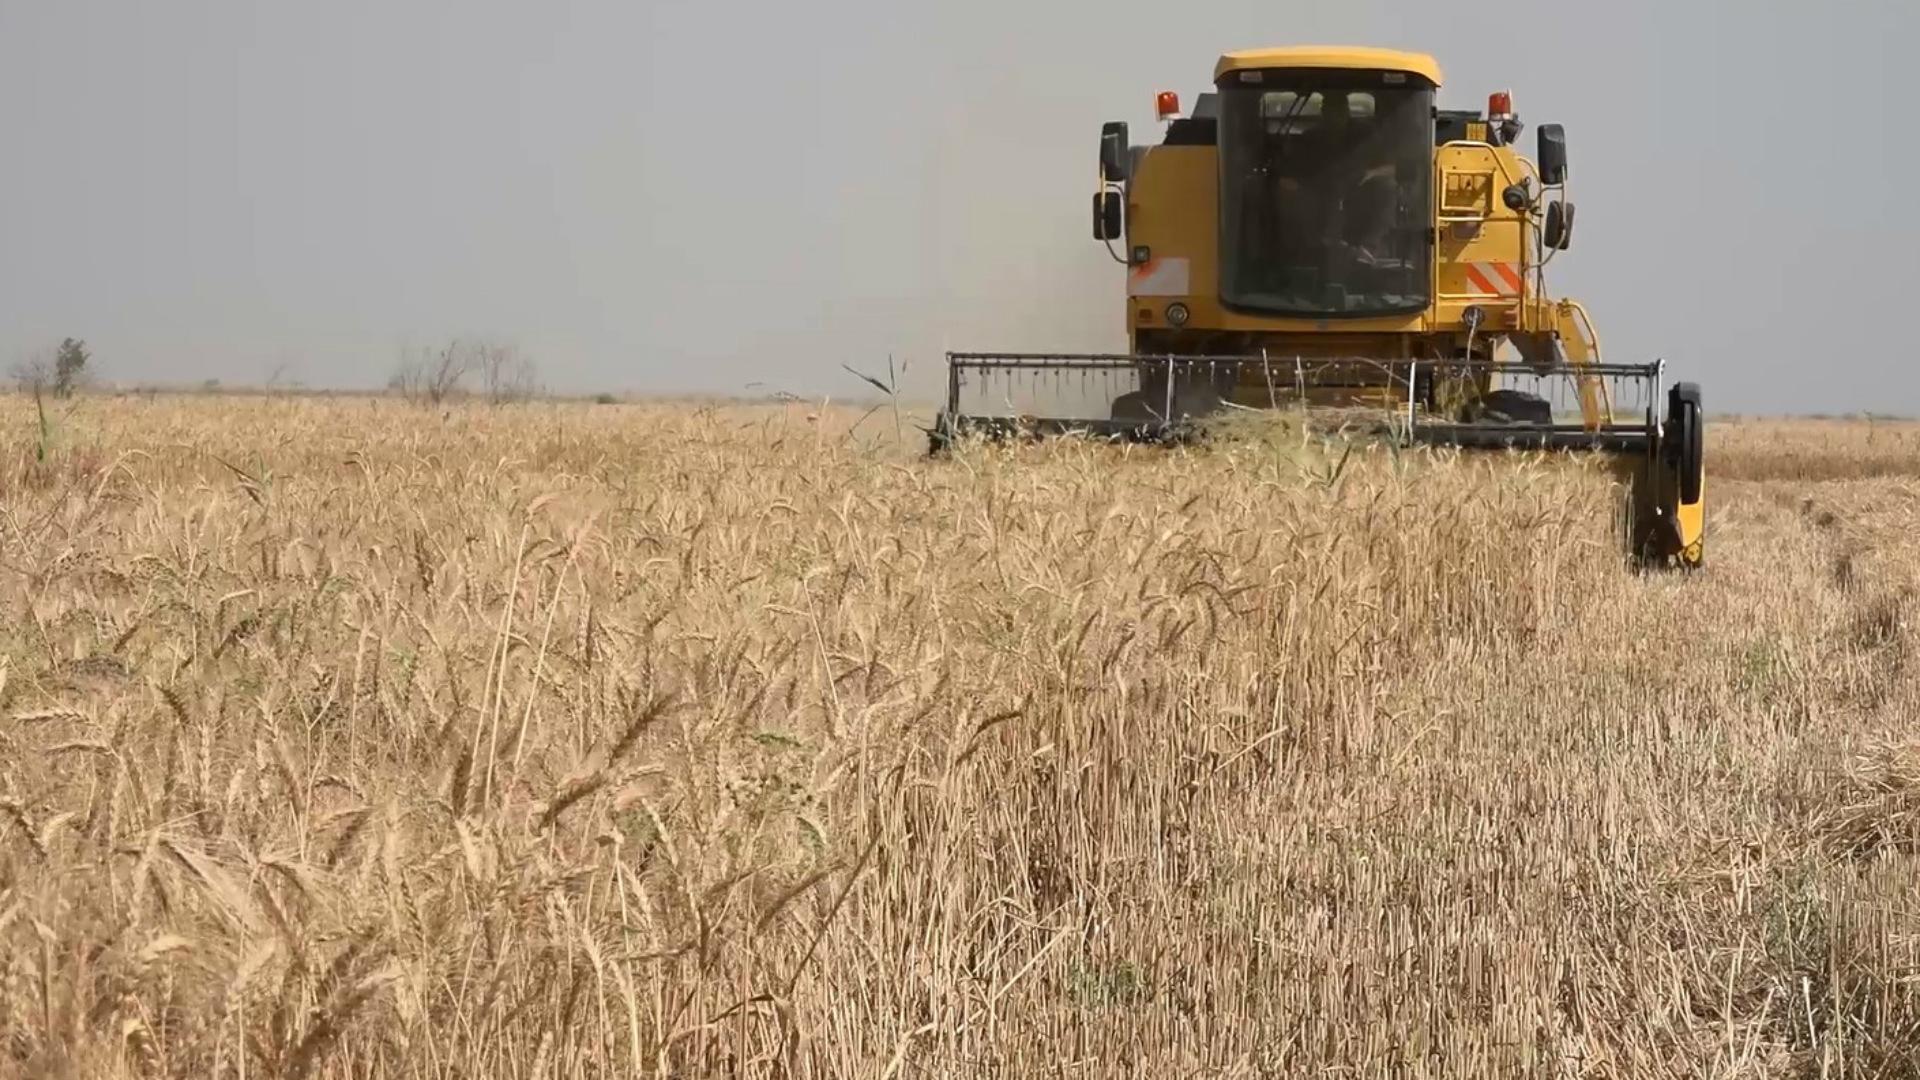 العراق بحاجة لاستيراد كميات إضافية من الحبوب